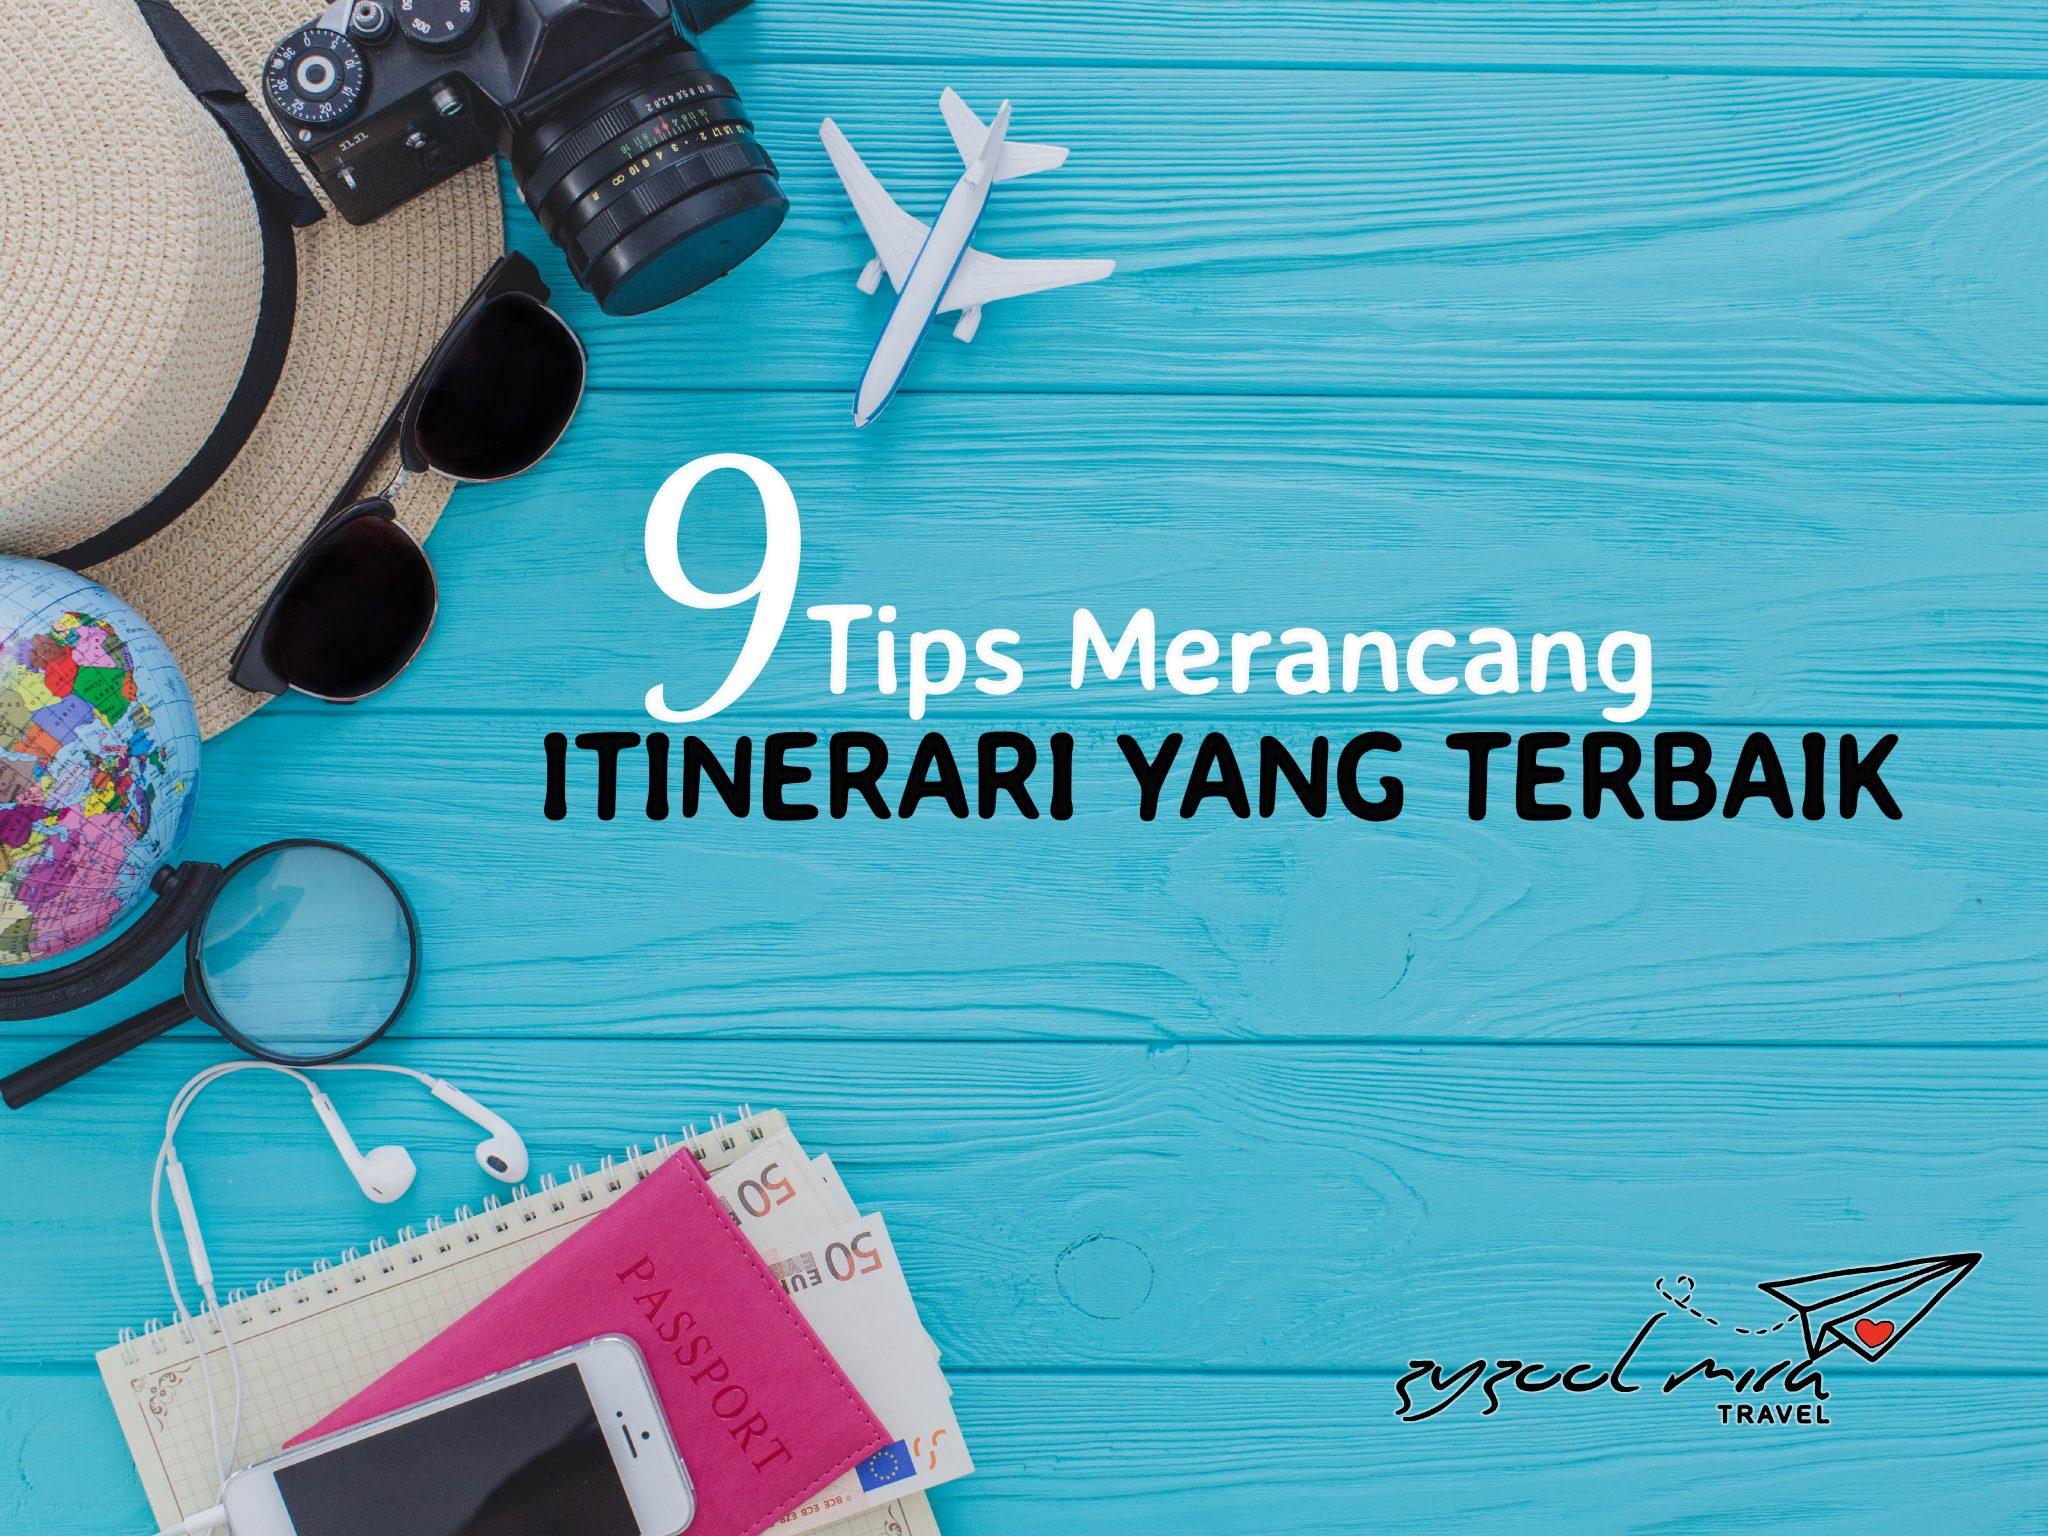 9 Tips Merancang Itinerari yang Terbaik